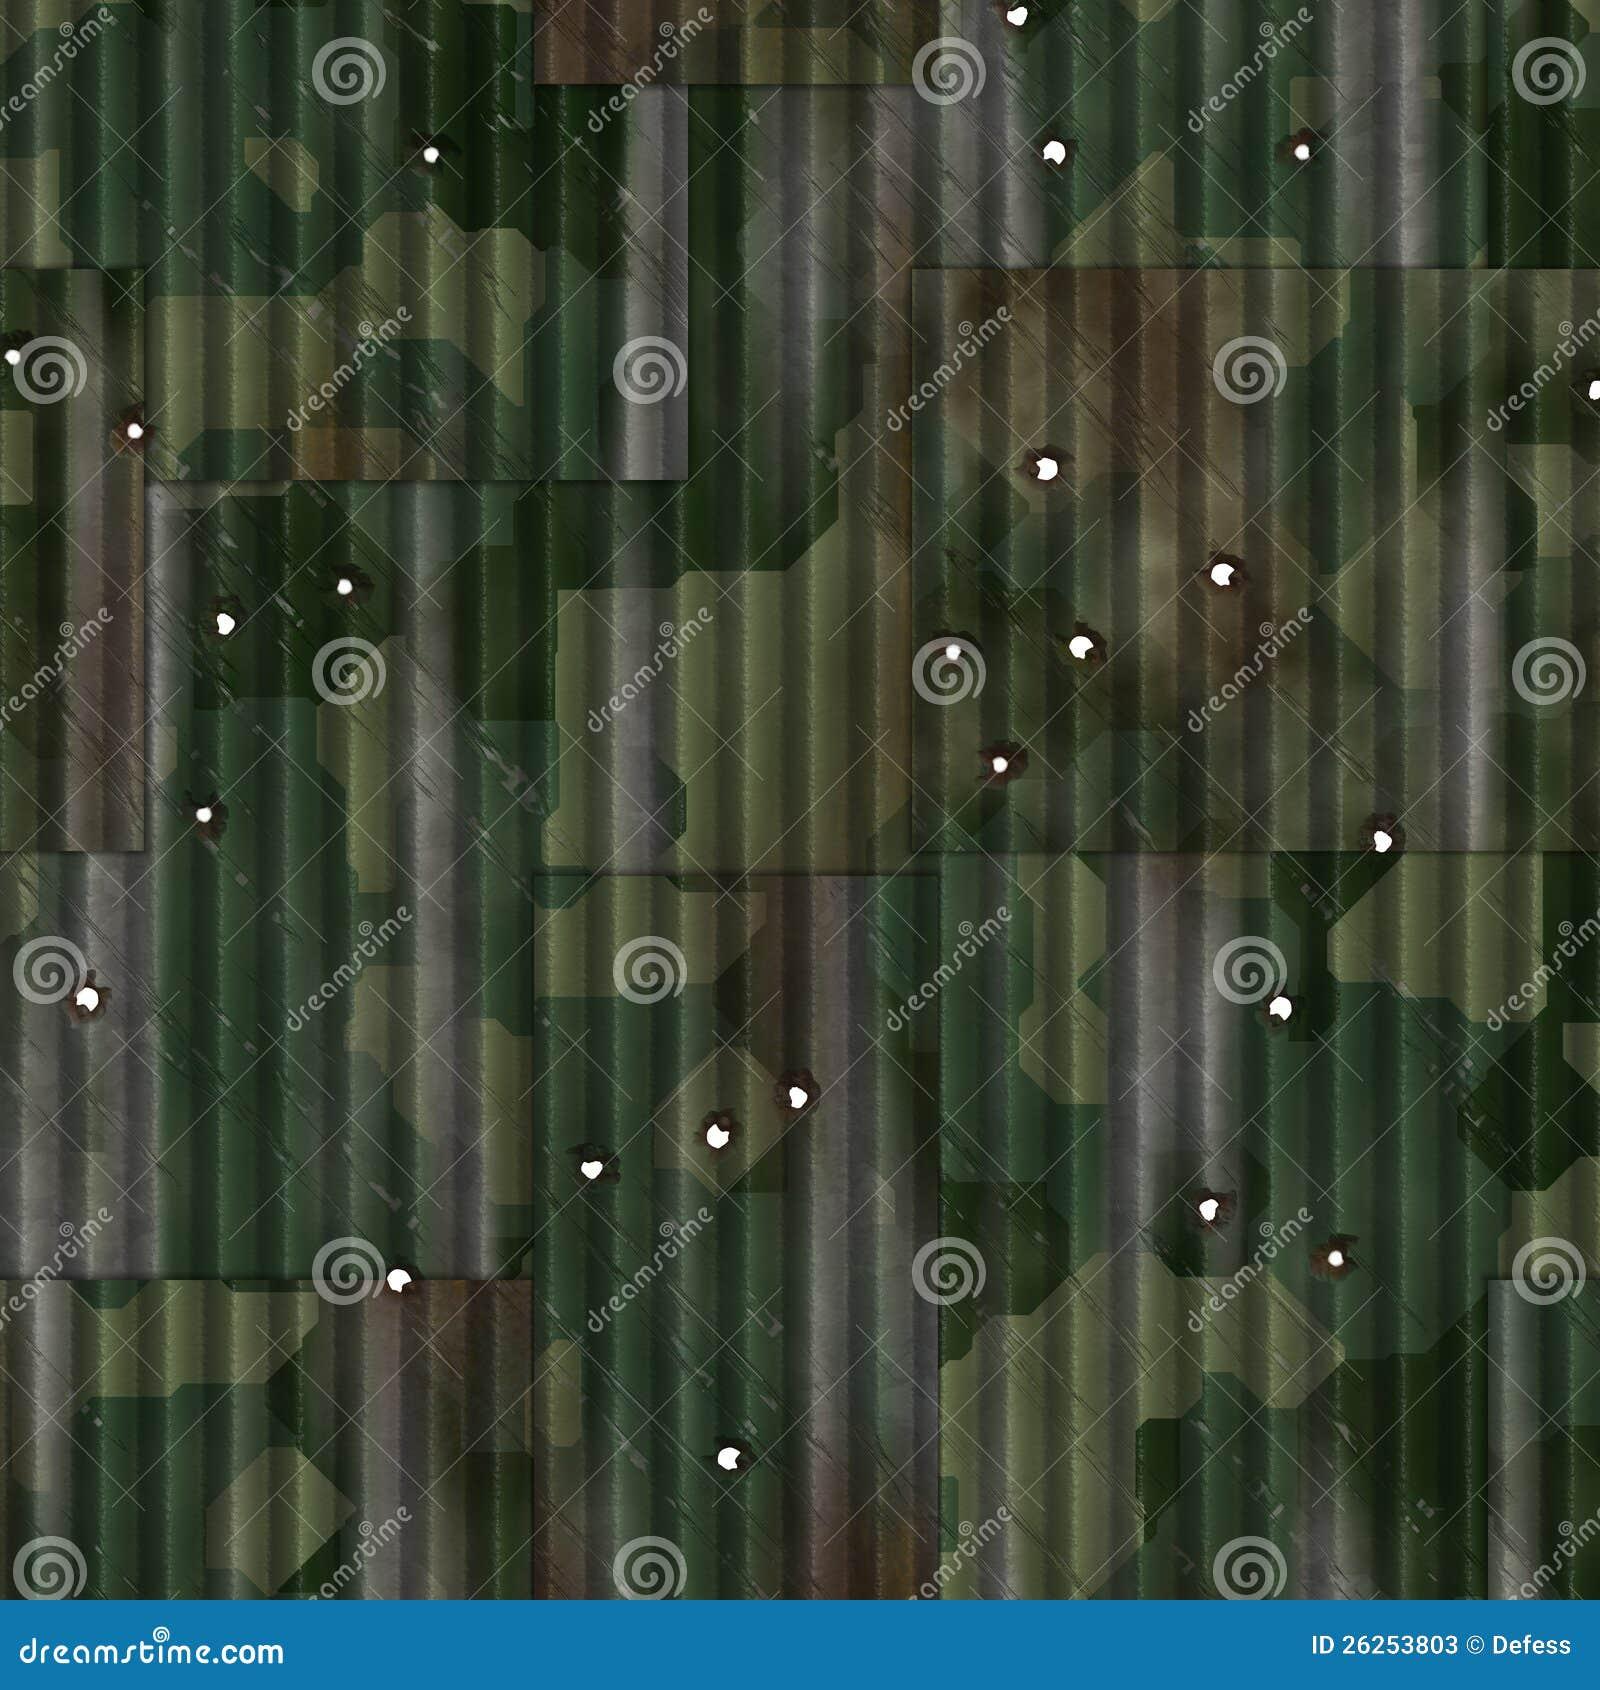 Grunge Corrugated Metal Stock Photos Image 26253803